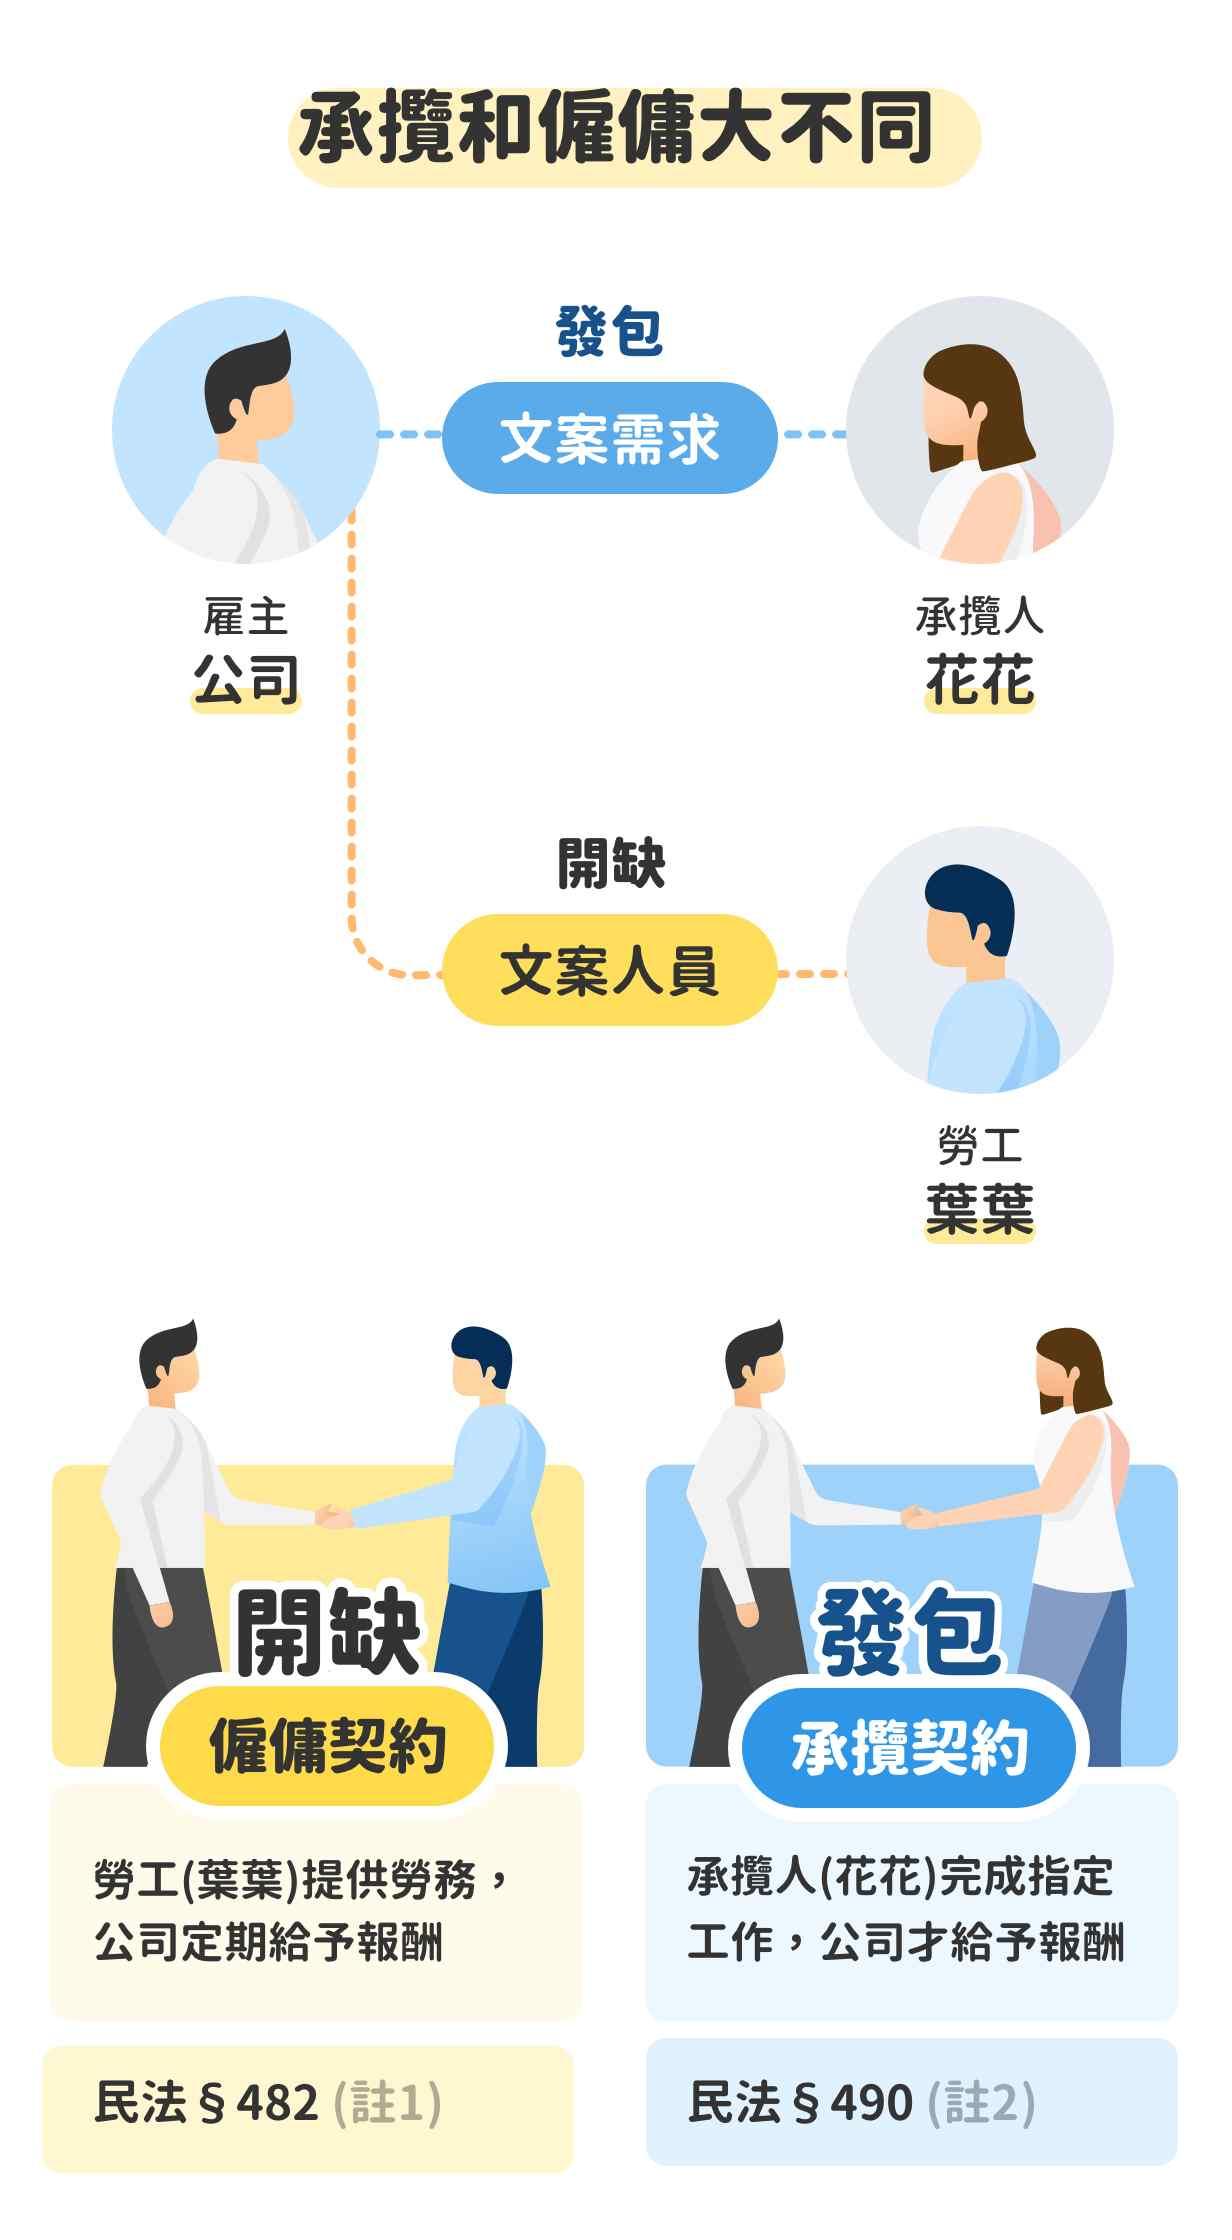 外送員承攬契約簽了就有效?3張圖讓你秒懂僱佣承攬差在哪